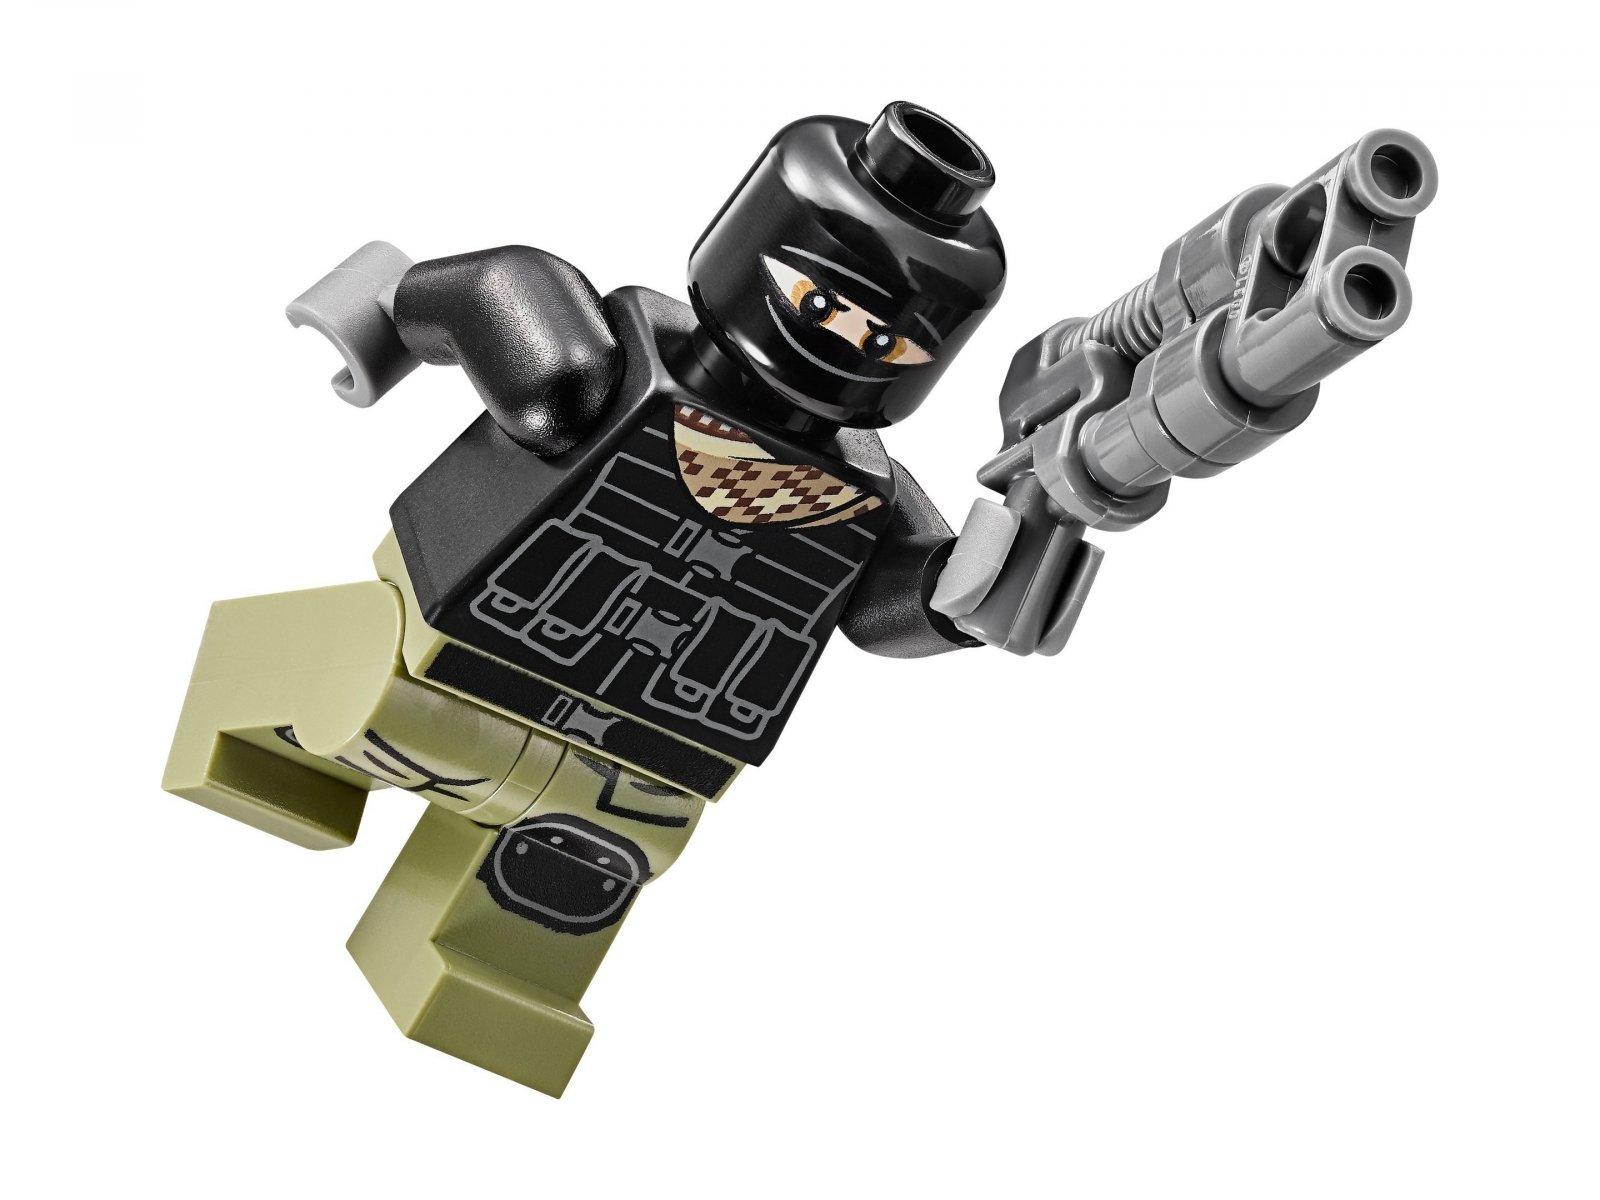 LEGO 79115 Teenage Mutant Ninja Turtles™ Furgonetka żółwi